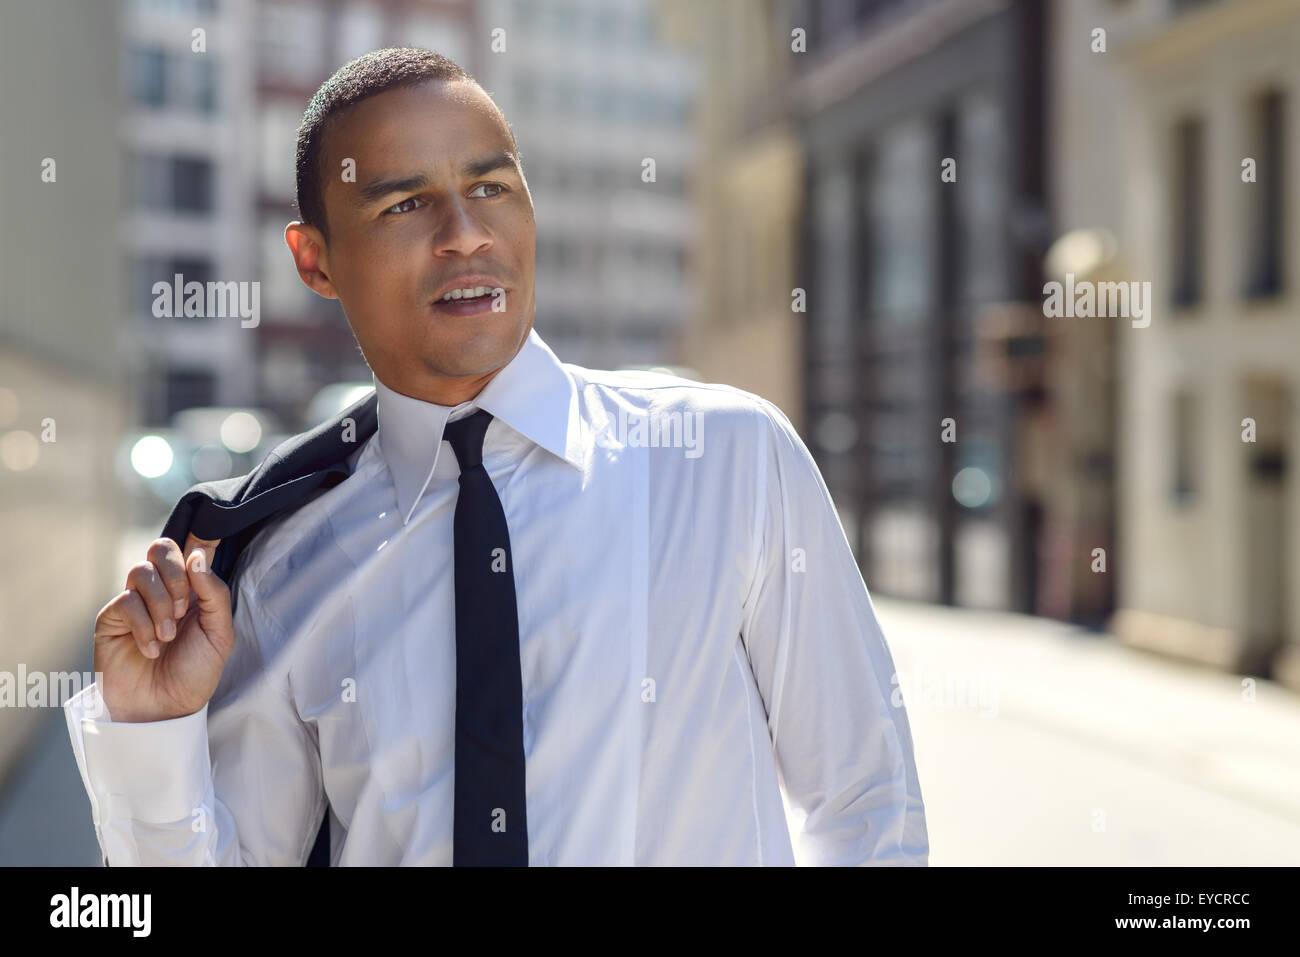 Handsome businessman walking in an urban street avec sa veste de costume sur l'épaule qu'il lève Photo Stock